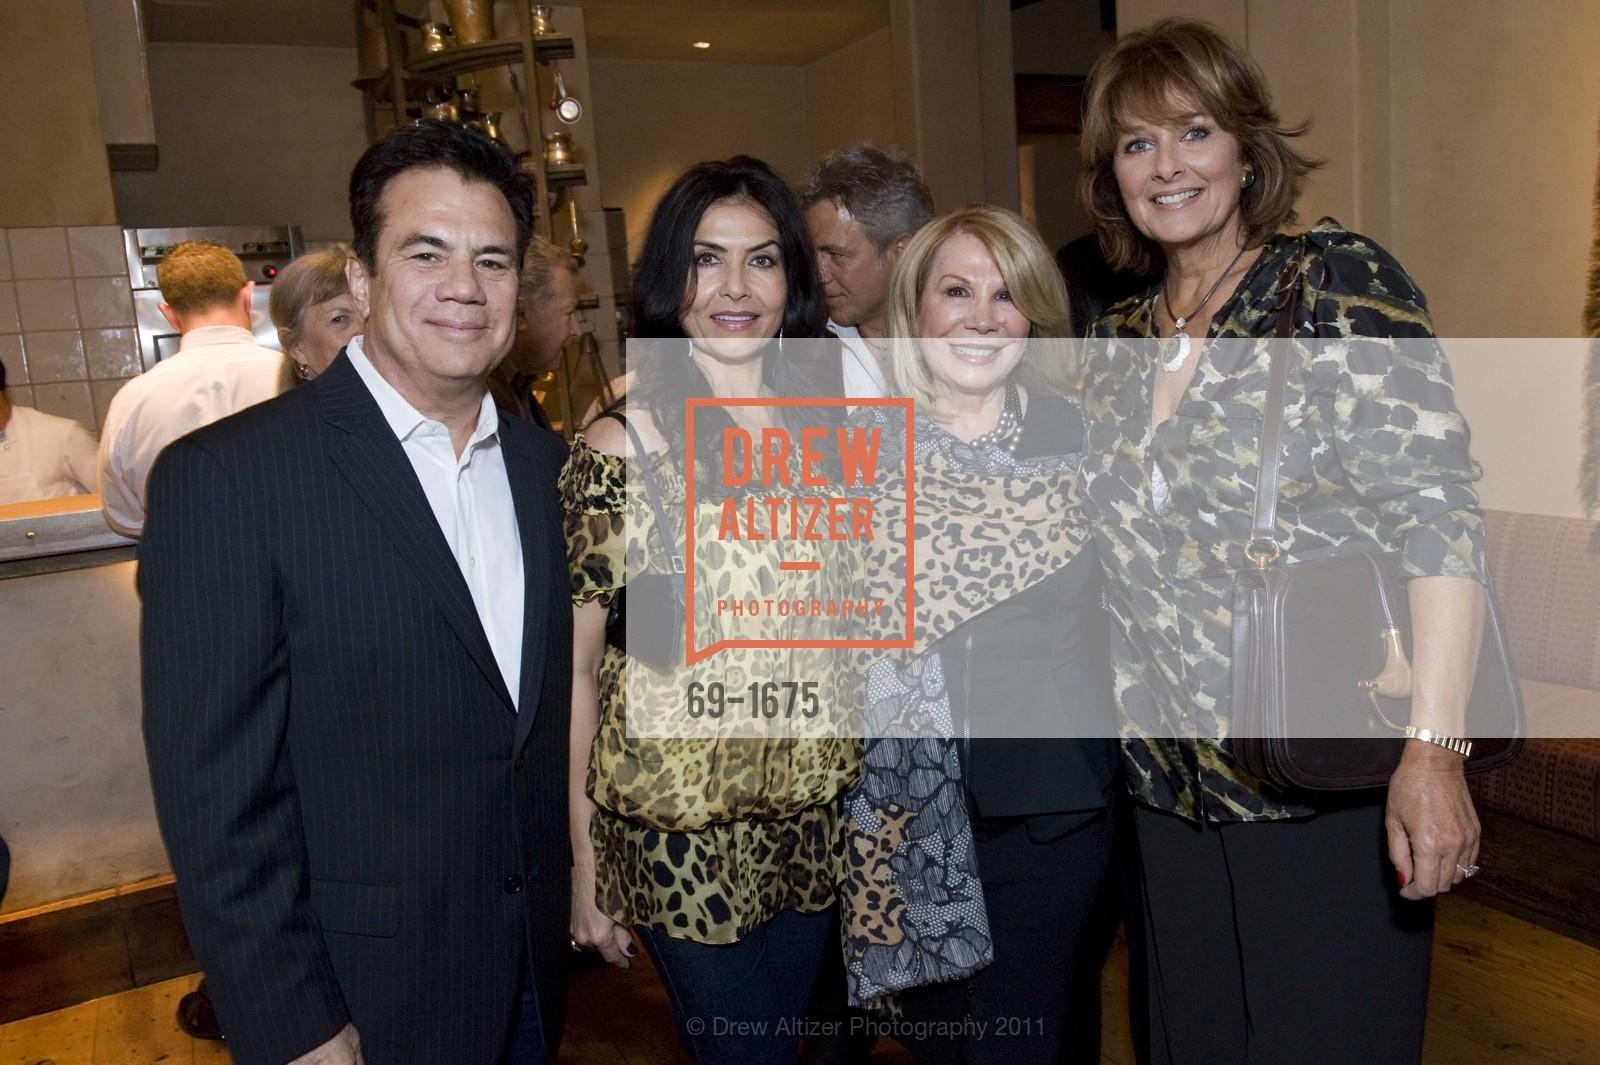 Kenny Frangadakis, Cory Lerios, Maria Lerios, Angie Frangadakis, Christina Ferrare, Photo #69-1675